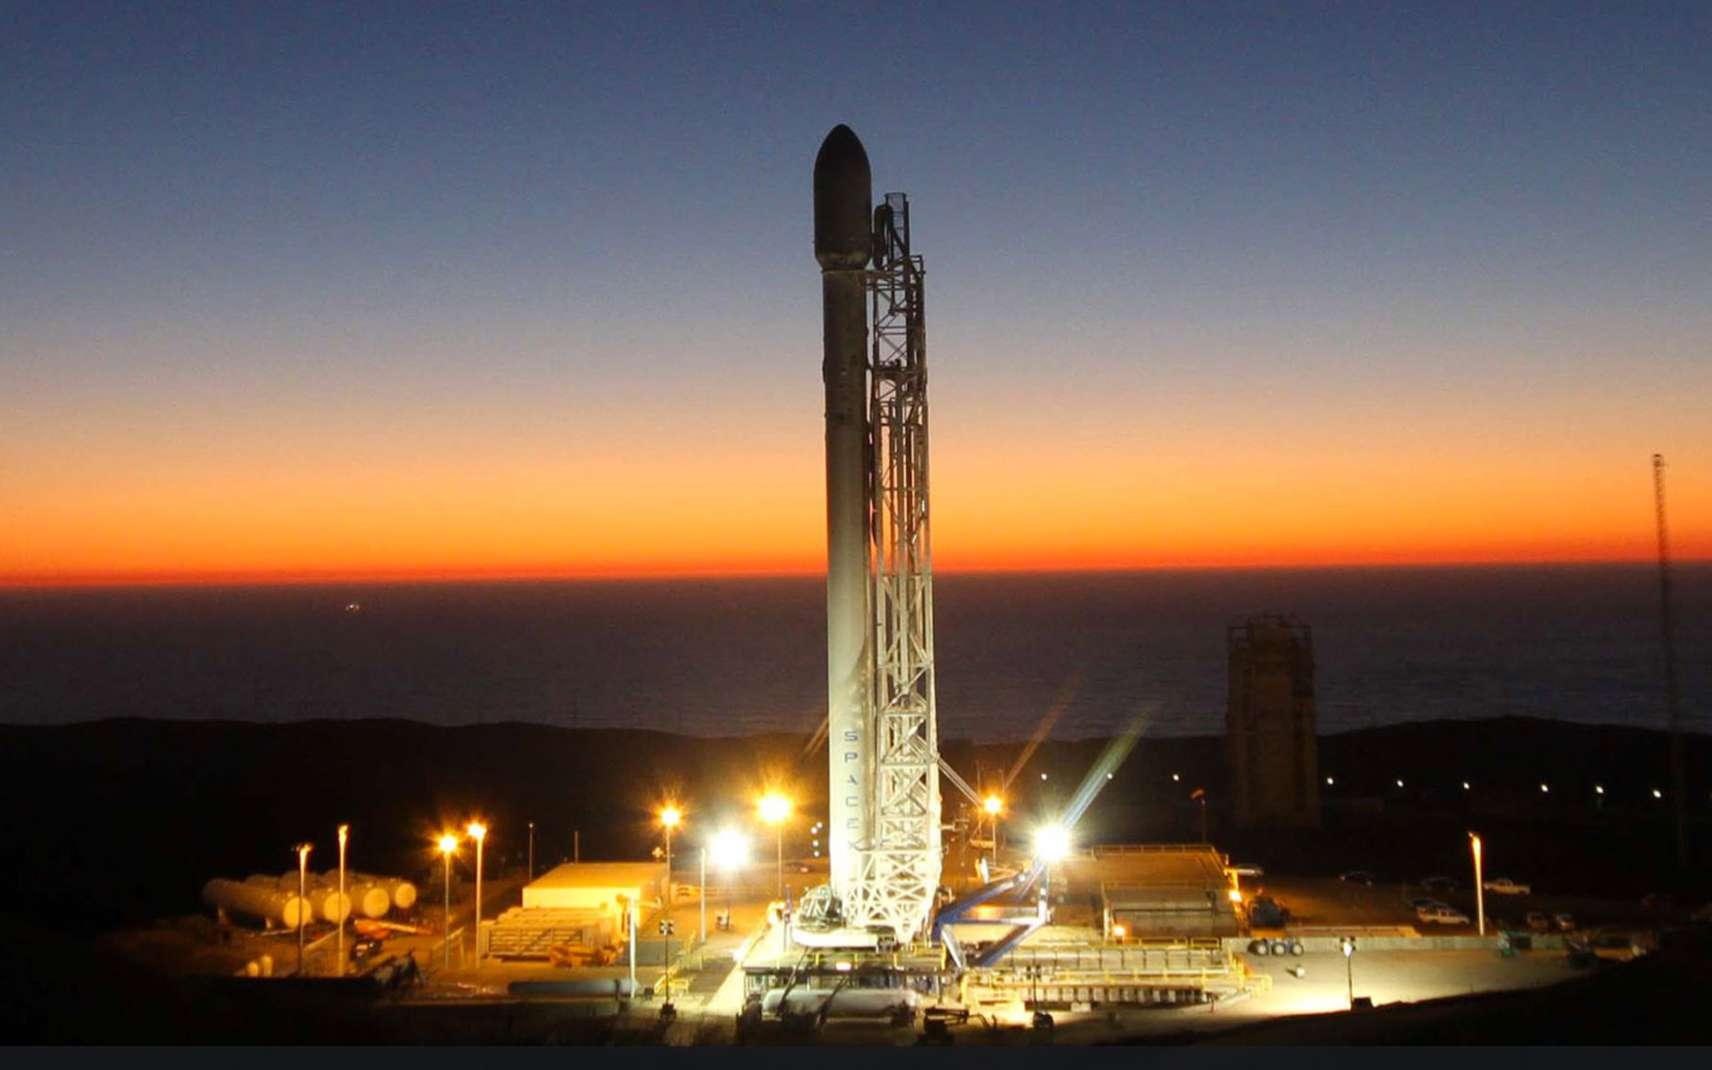 Avec une cinquantaine de satellites à lancer, le calendrier de SpaceX est très chargé. Ce nouveau lanceur, s'il tient ses promesses, sera utilisé pour lancer deux satellites en orbite de transfert géostationnaire (GTO) en 2013, et au moins cinq en 2014. © SpaceX